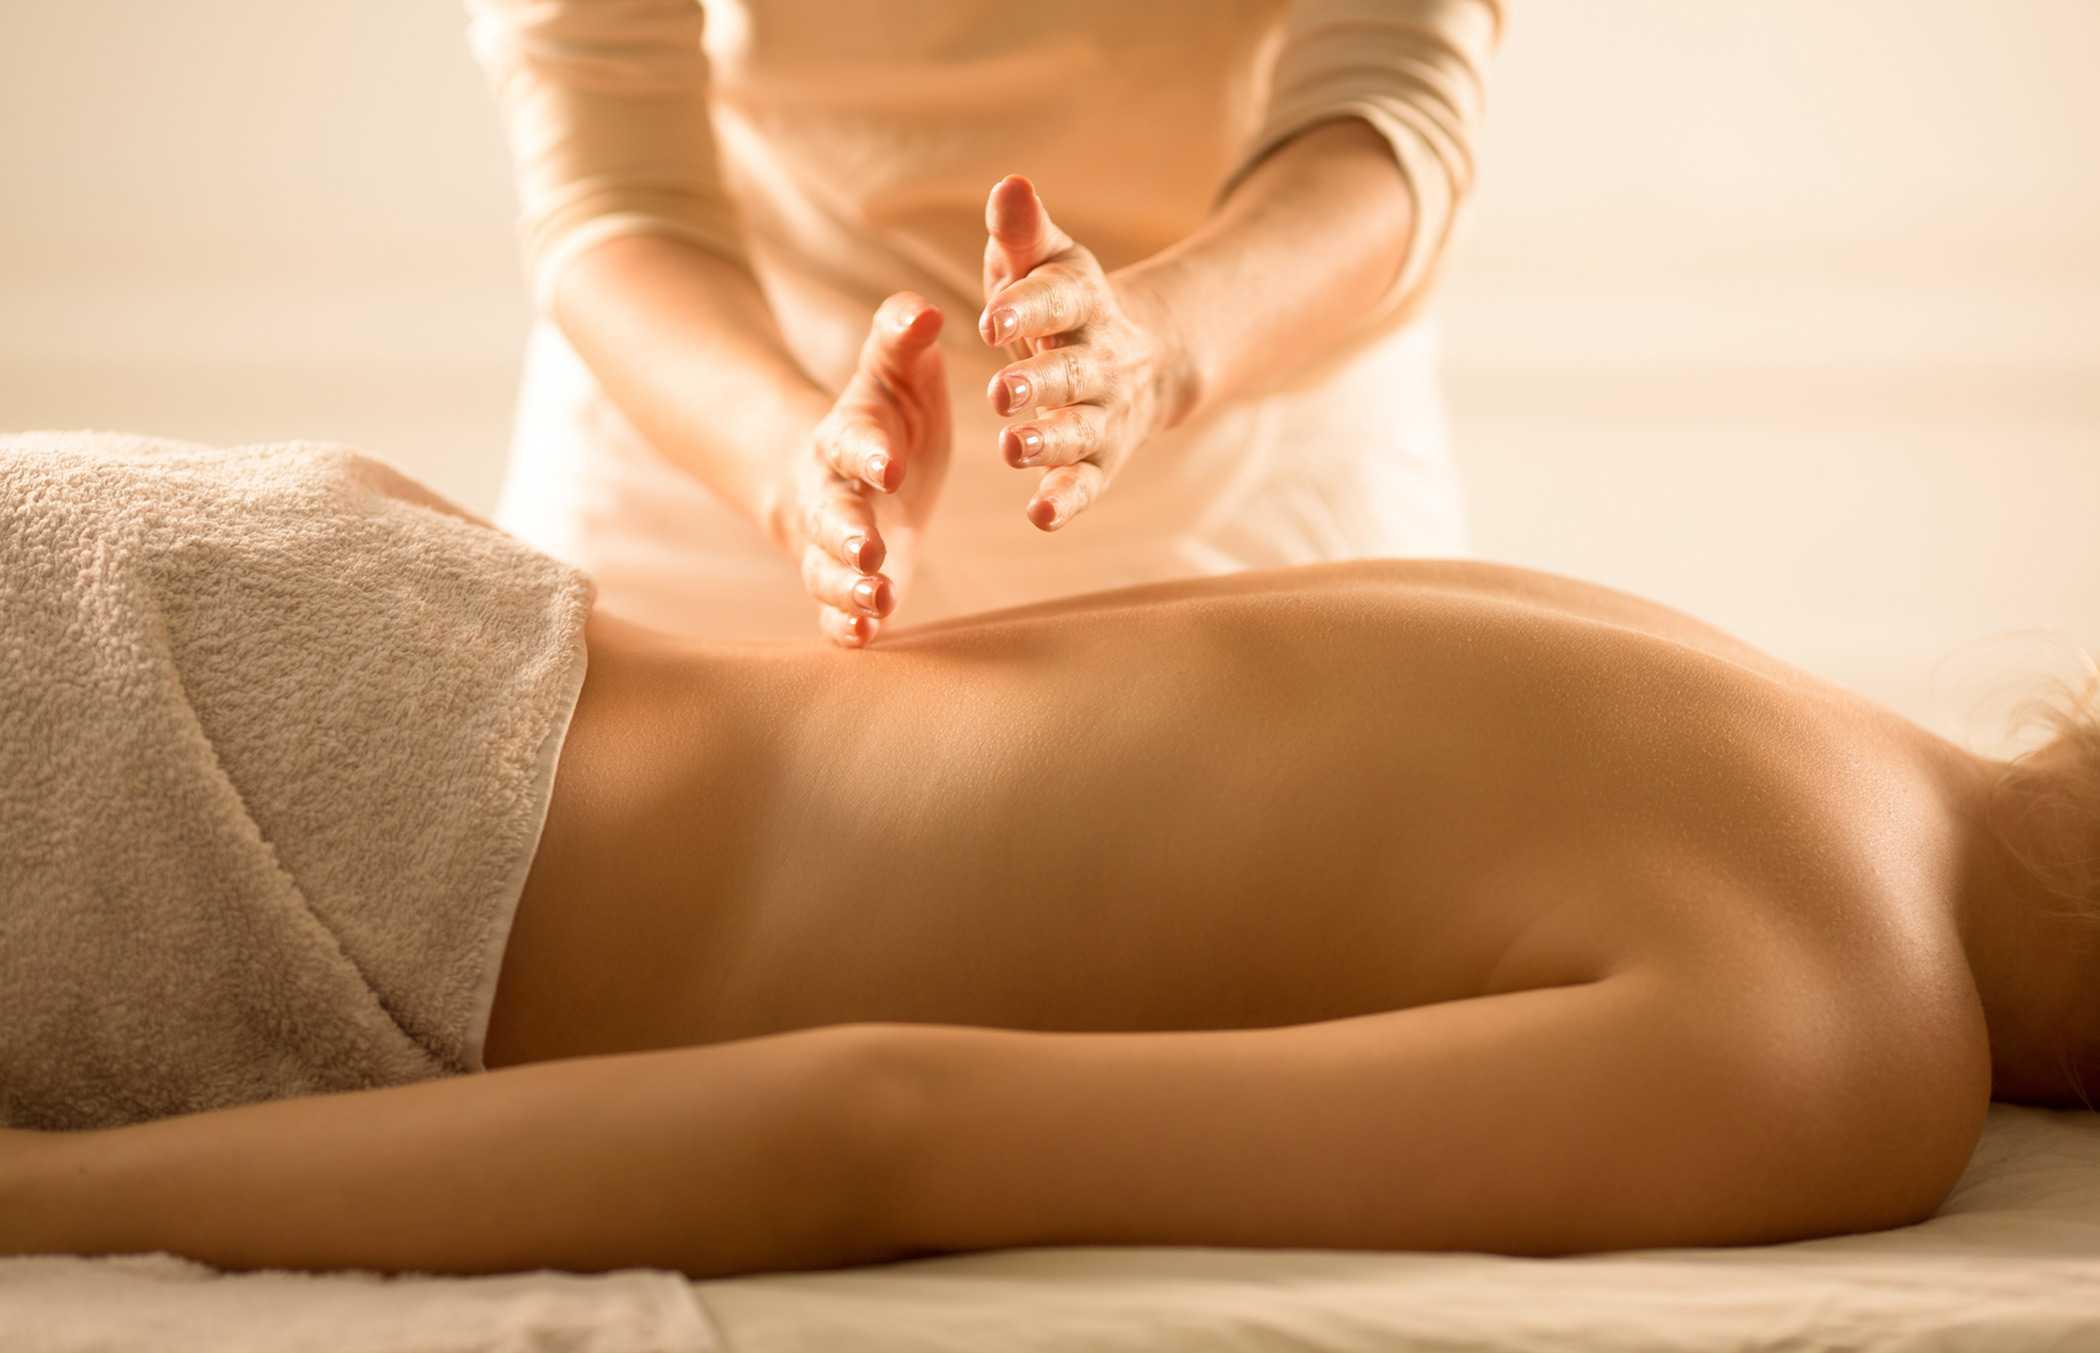 Lợi ích của việc massage toàn thân mang lại cho bạn